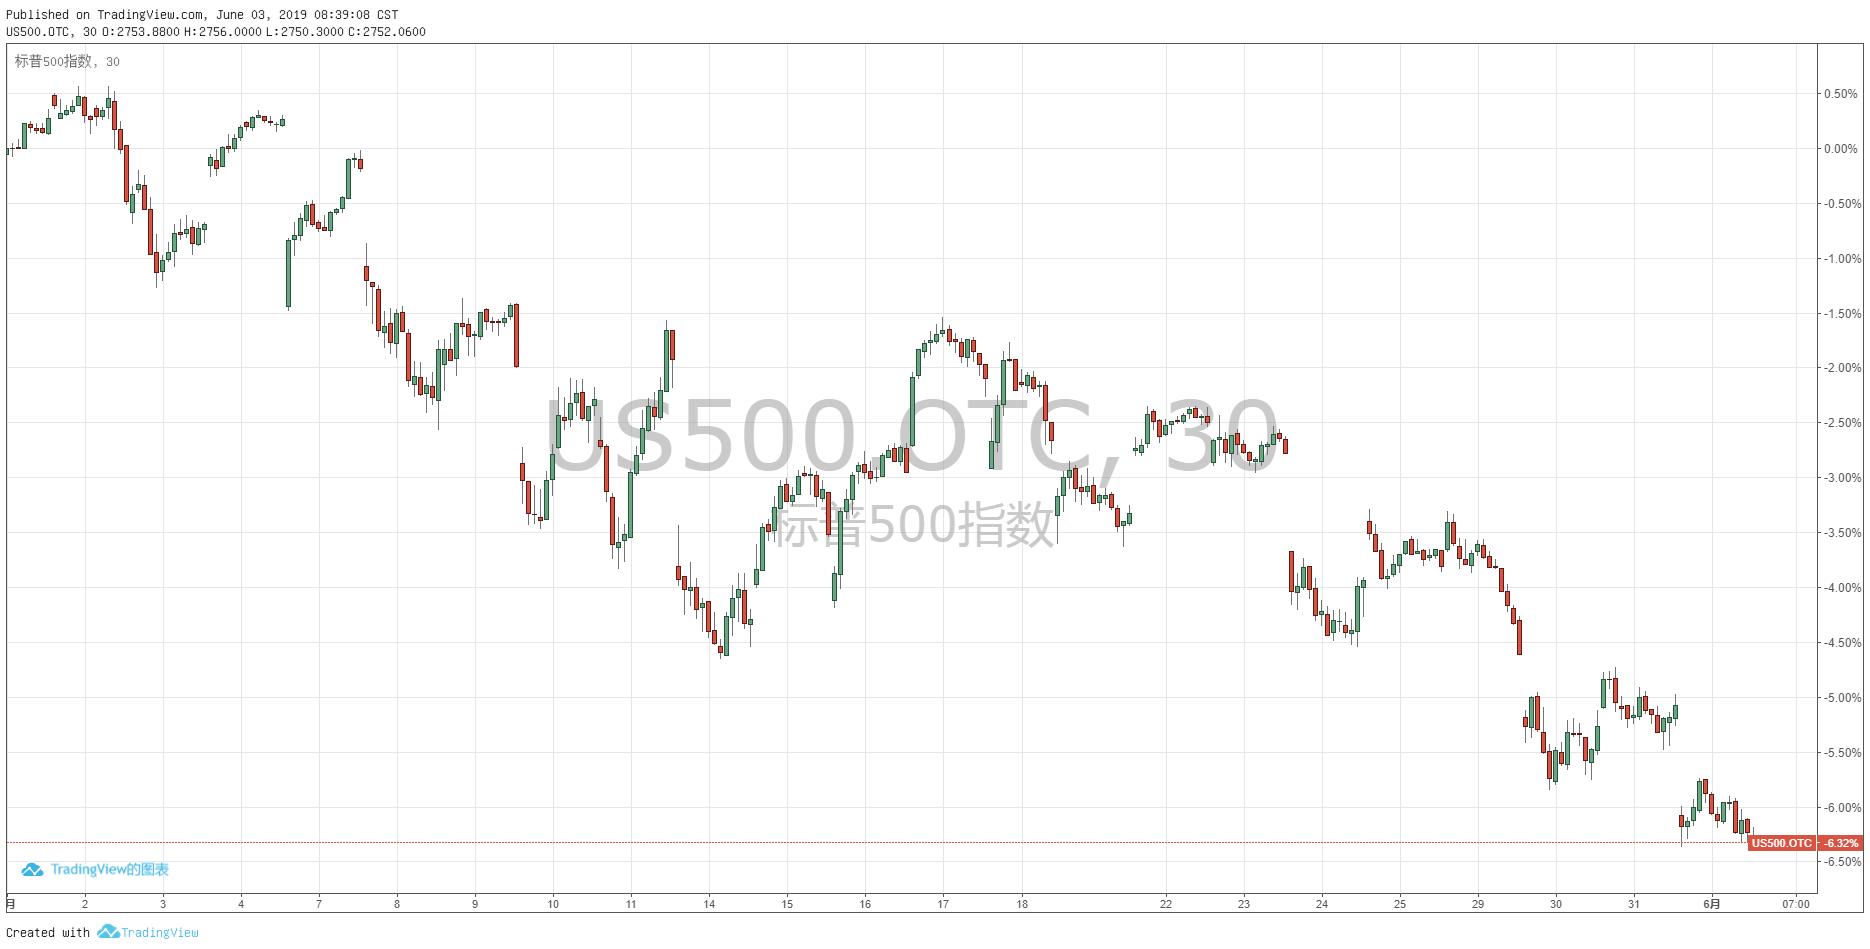 摩根士丹利:如果贸易局势不缓解 全球经济将于三个季度内衰退 _德国新闻_德国中文网